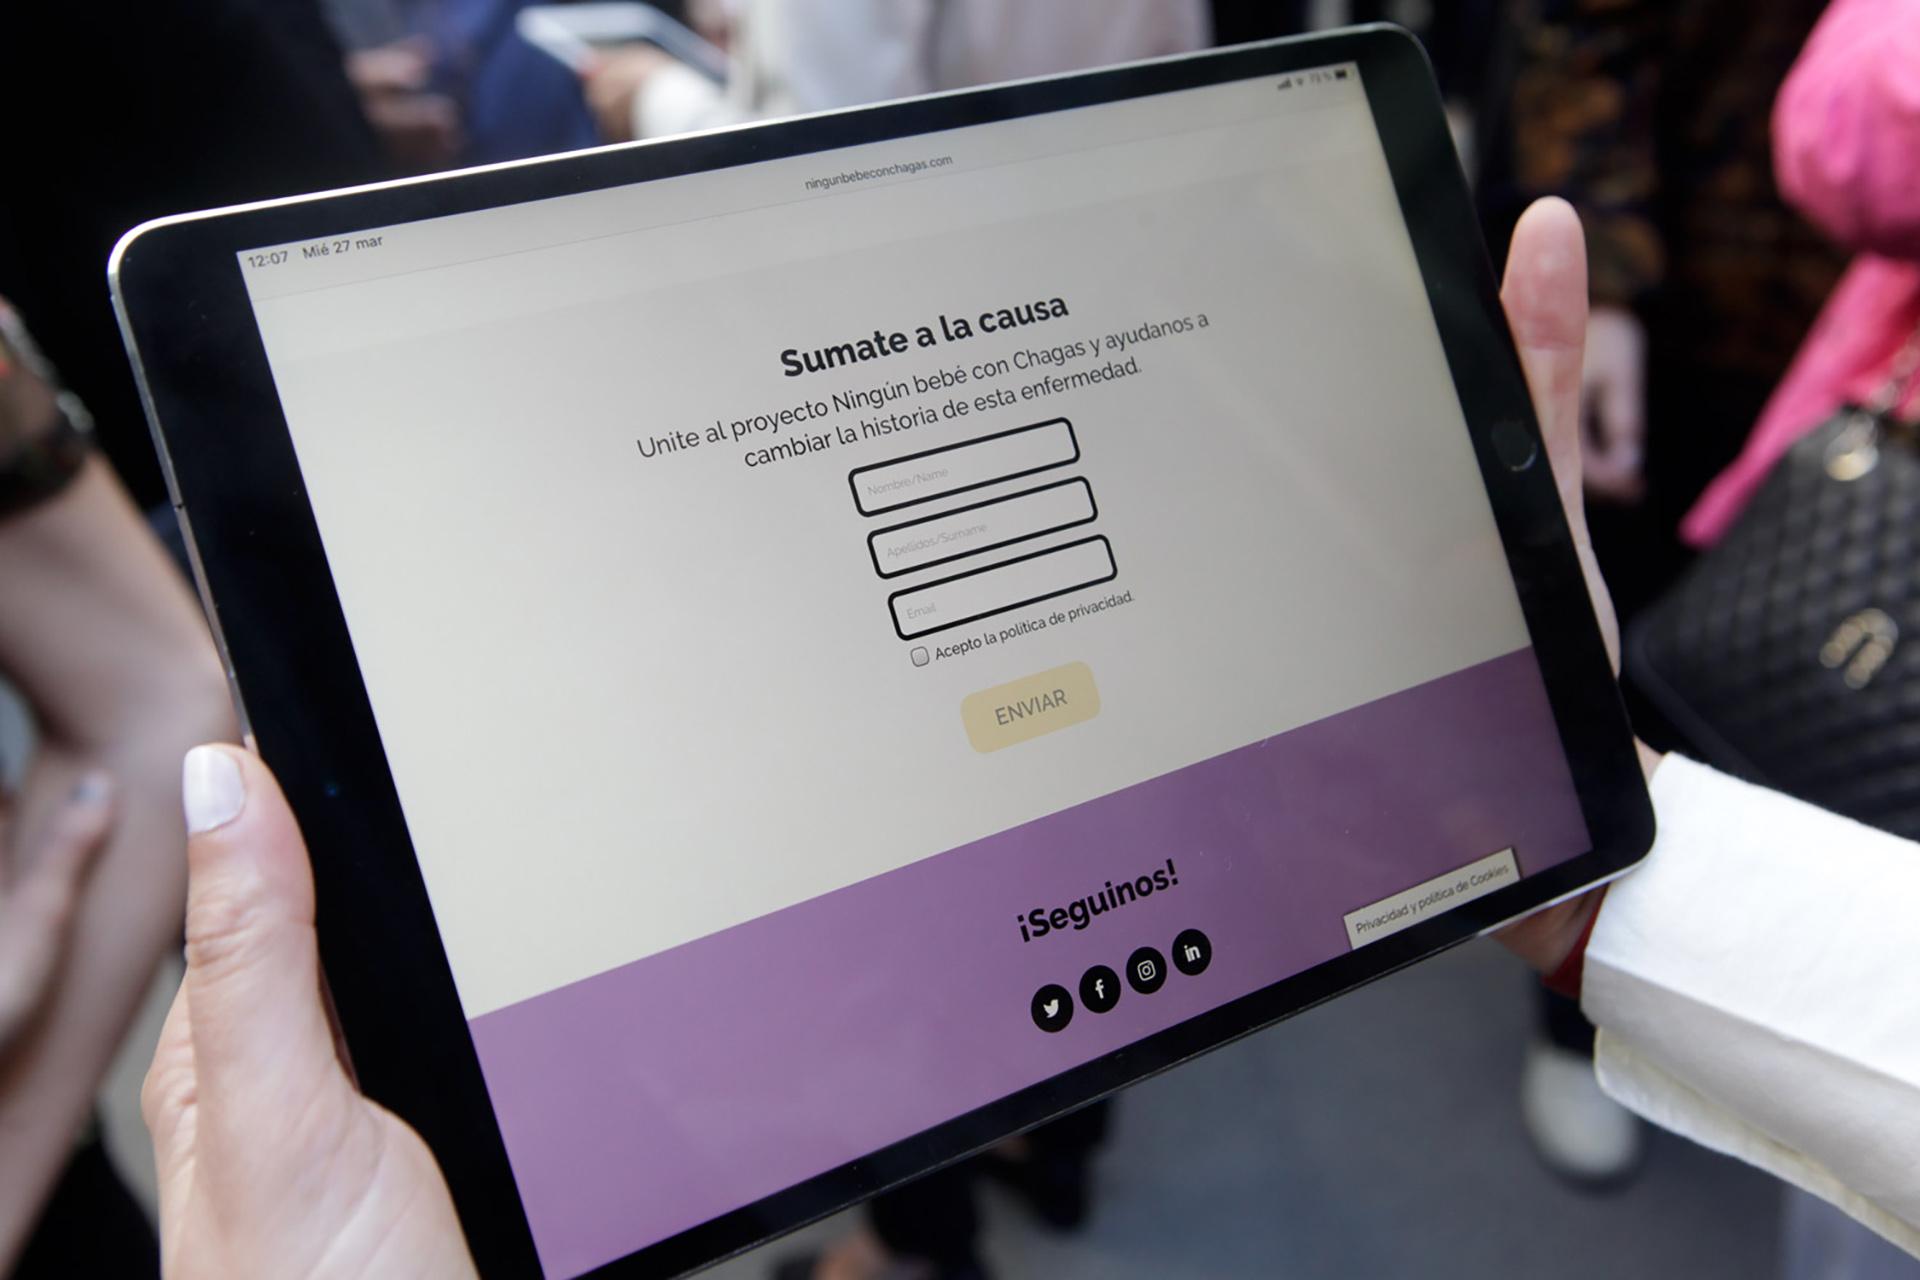 Imagen del sitio web para sumarse a la Campaña #ningúnbebéconchagas